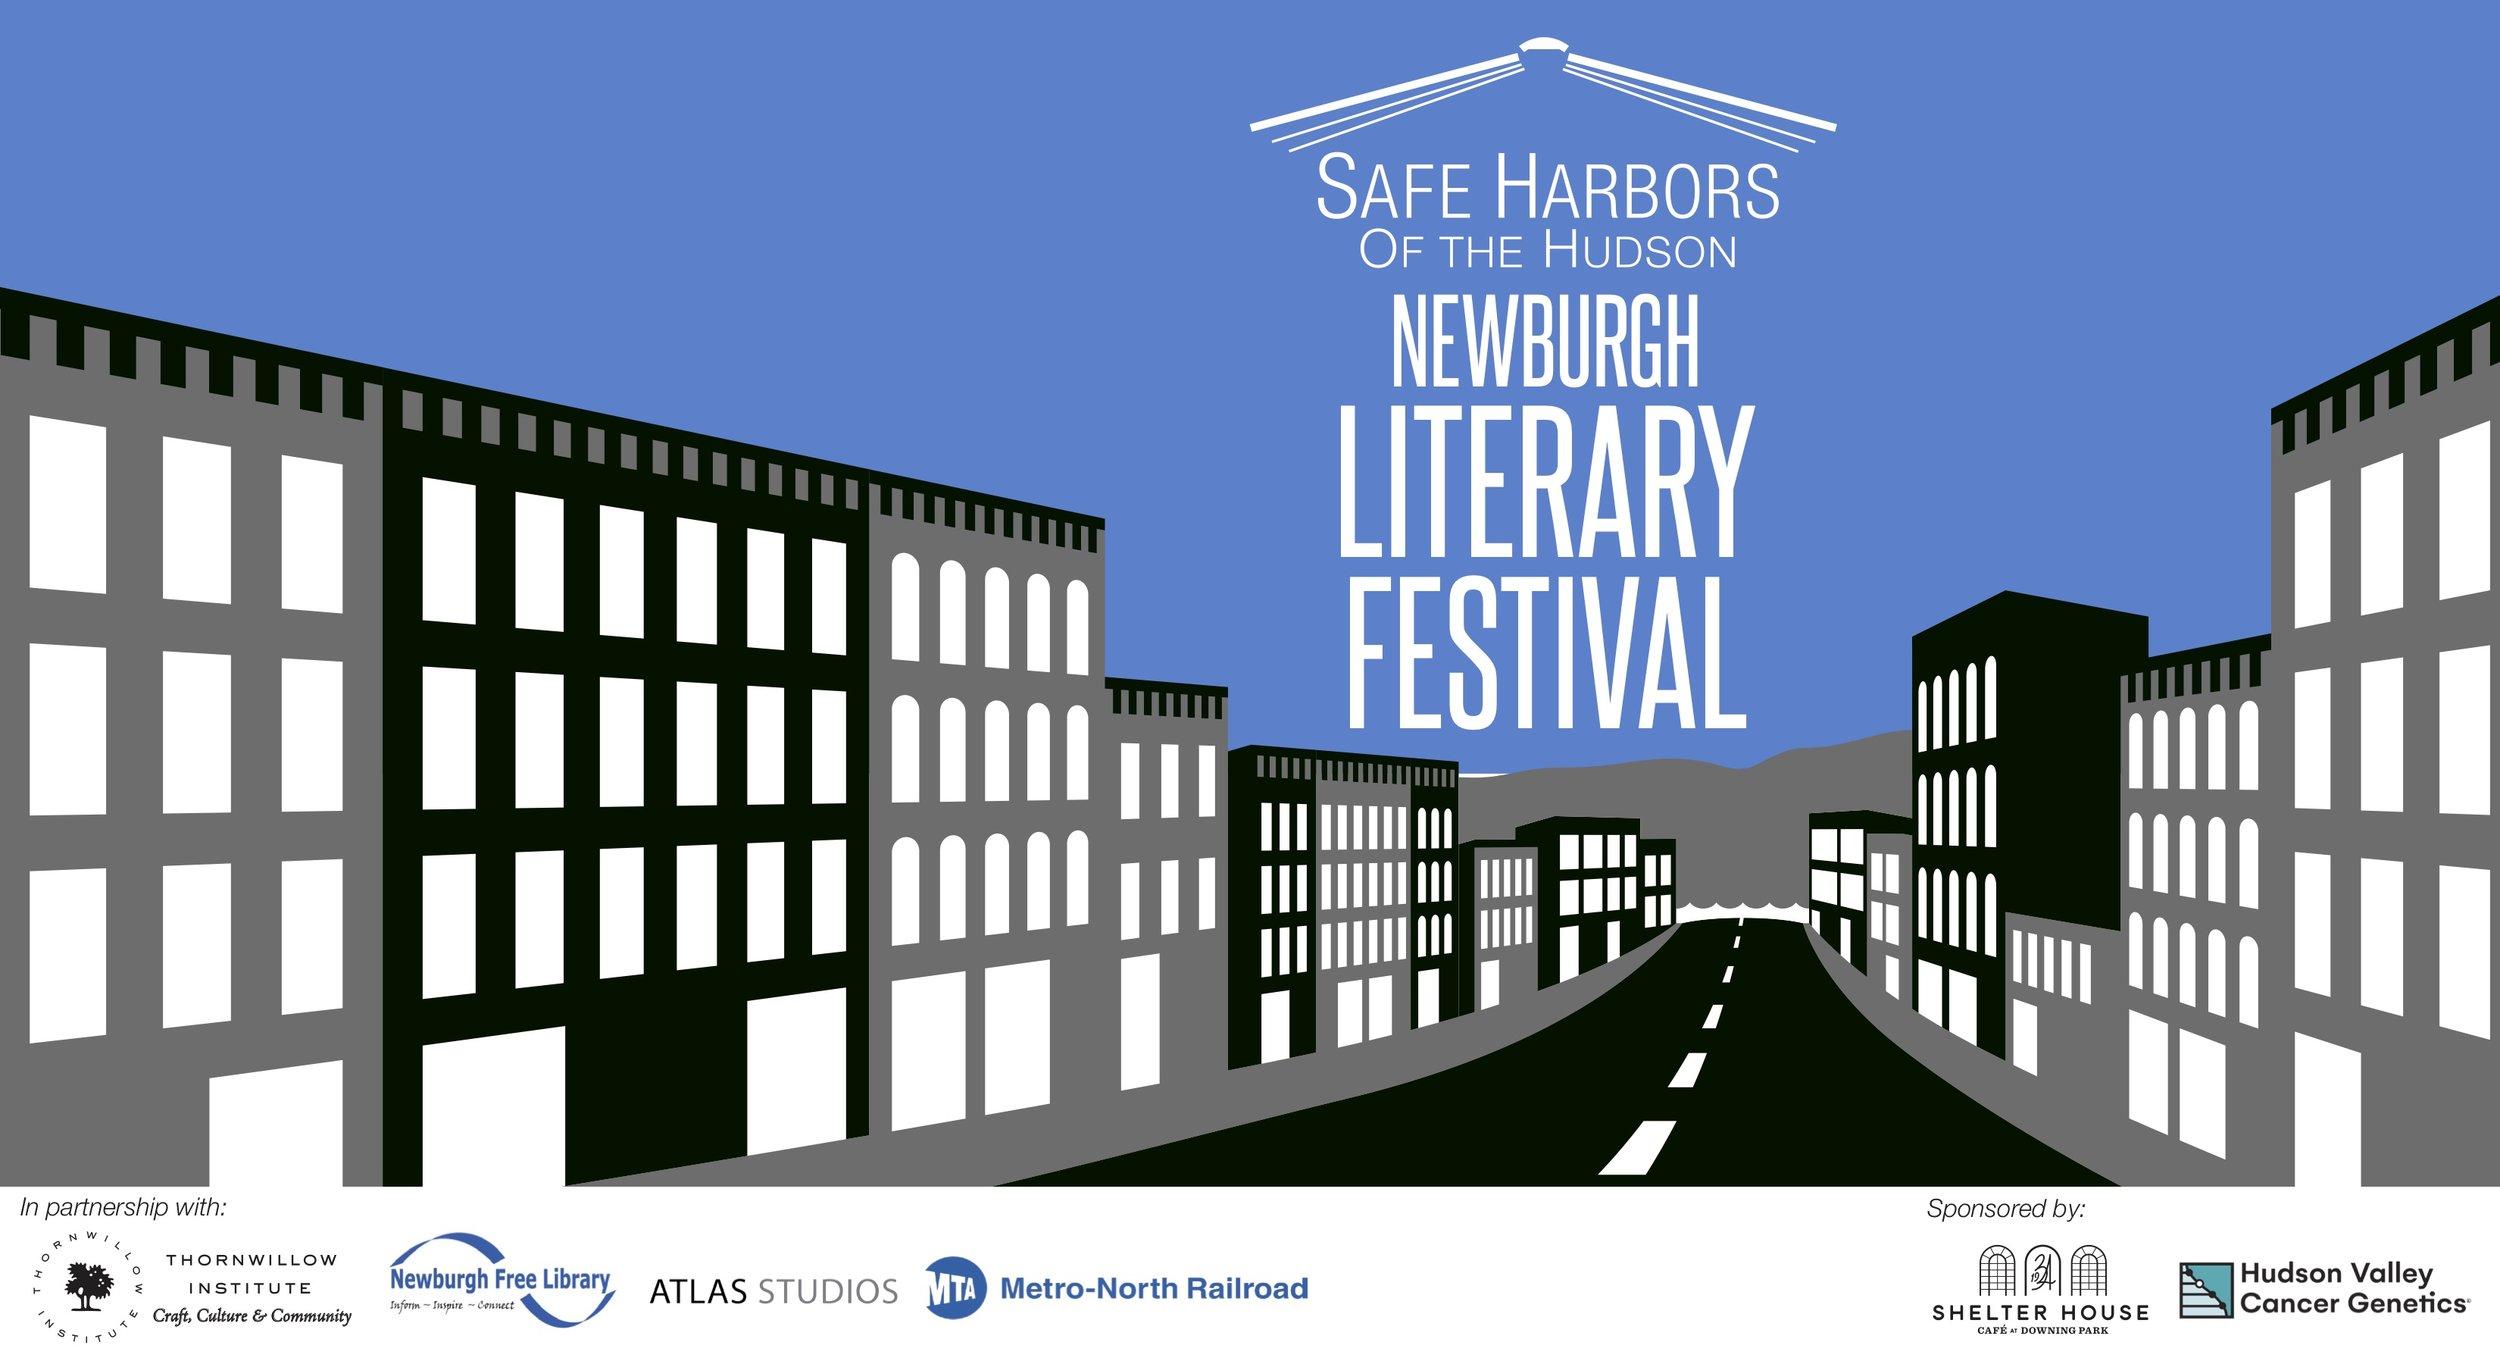 Literary Festival Postcard 6x11 copy.jpg